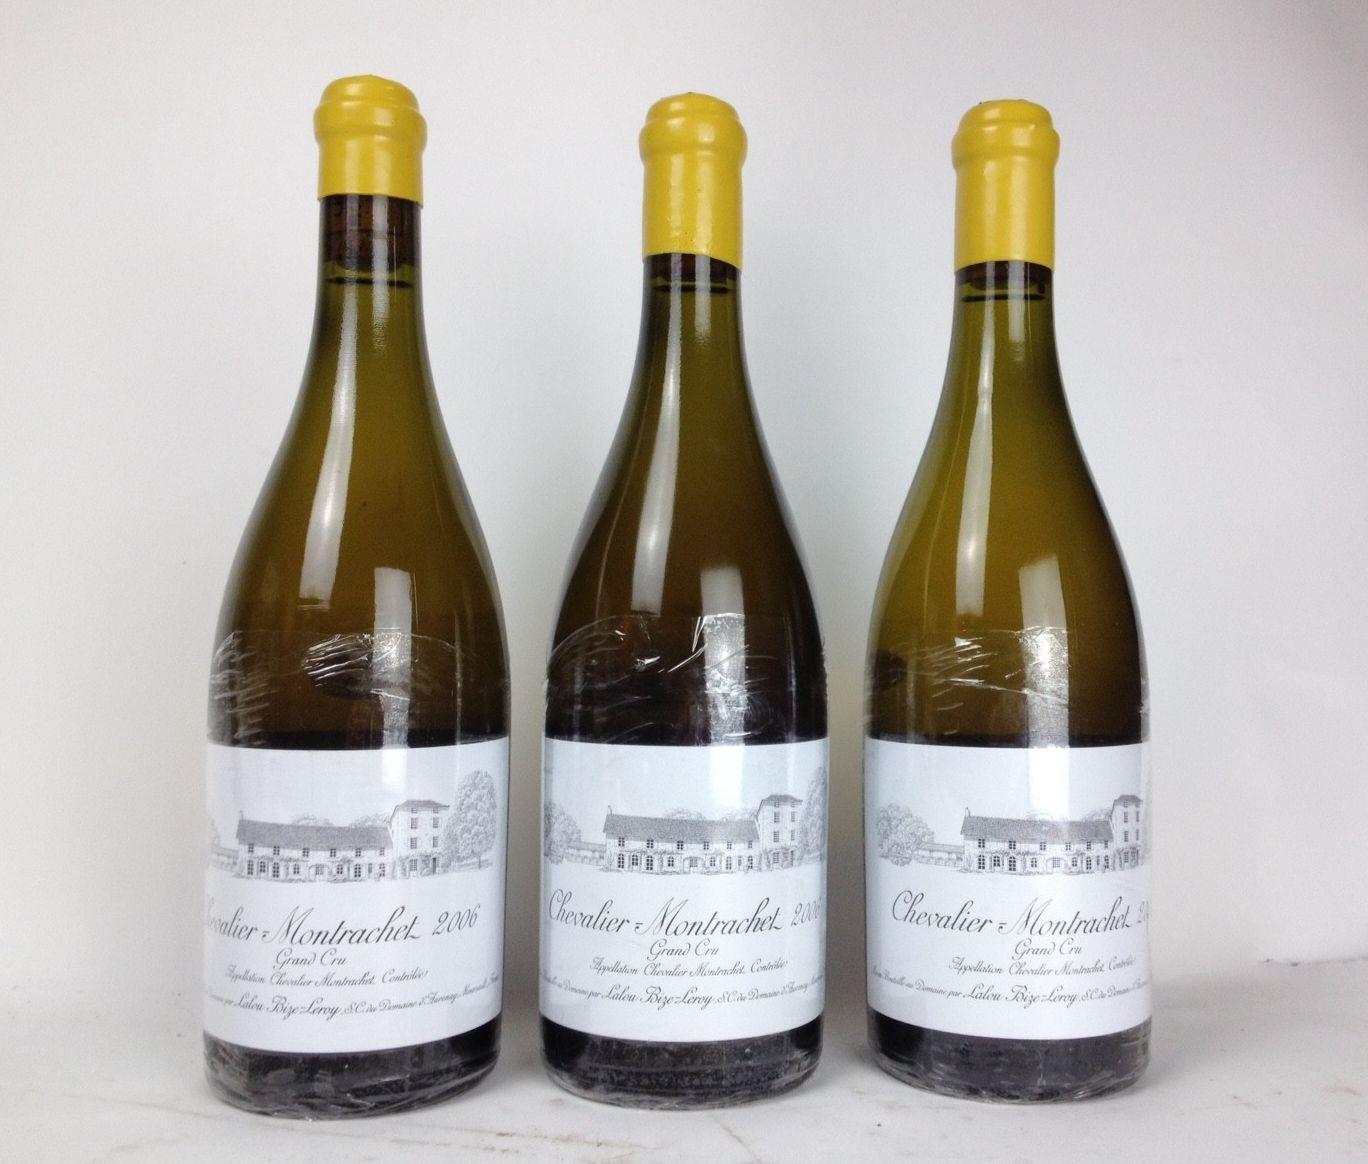 Leroy Domaine d'Auvenay Chevalier-Montrachet Grand Cru, Cote de Beaune, France